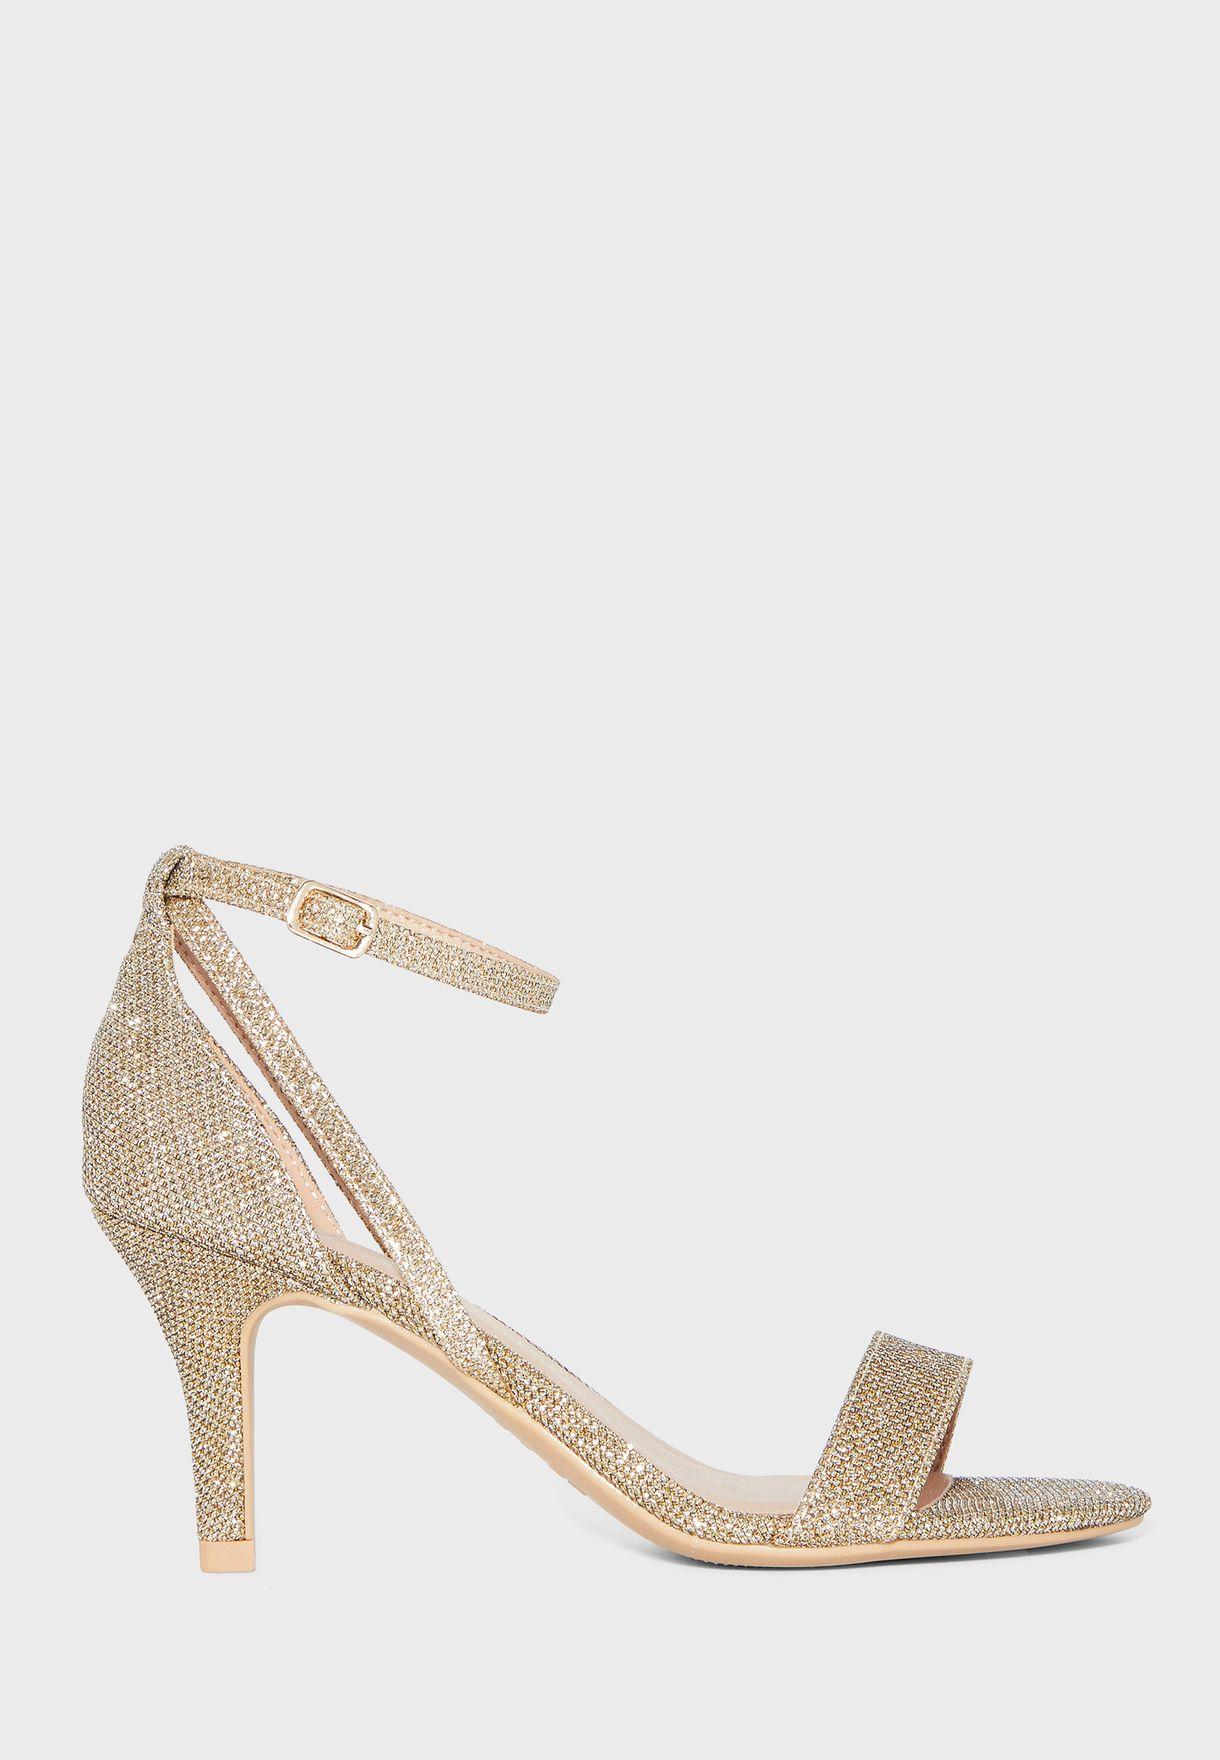 Trinny Wide Fit Ankle Strap Kitten Heel Sandal